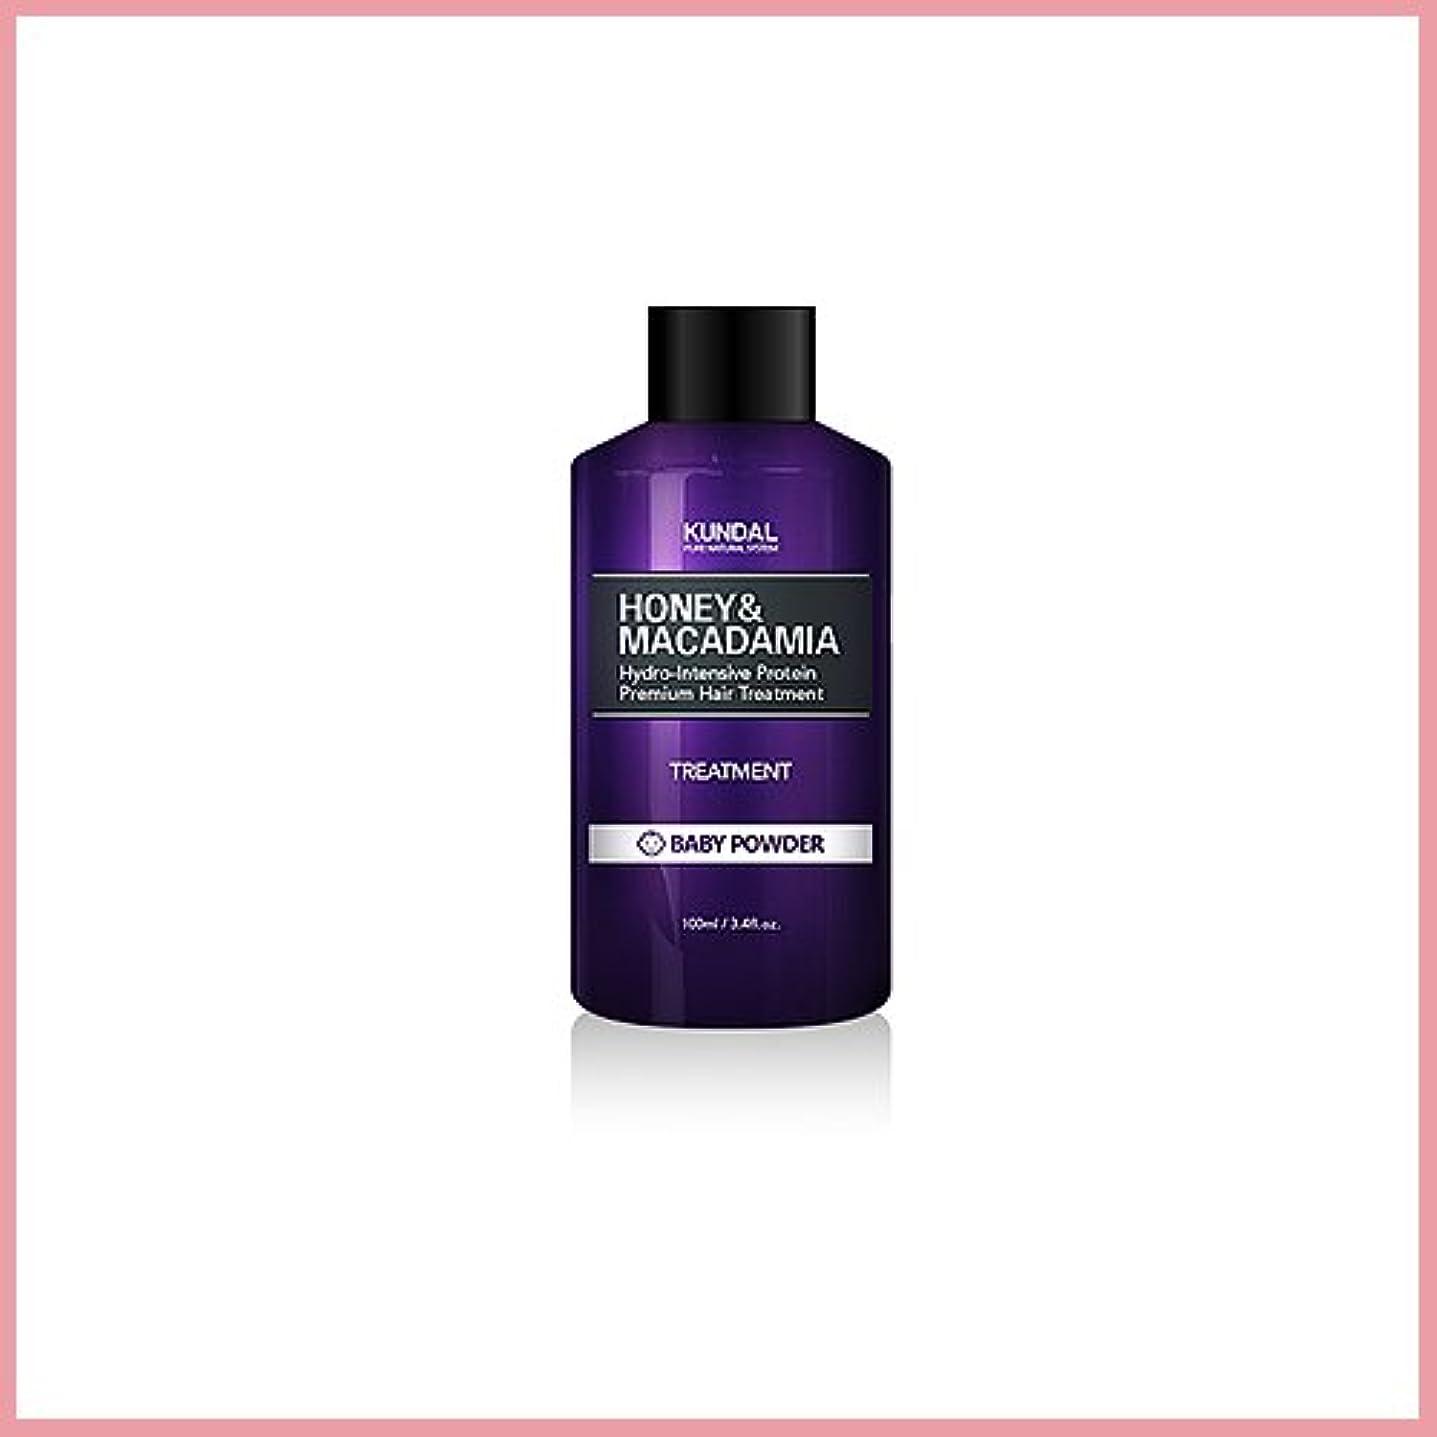 改善する自発的船形[KUNDAL/クンダル] Kundal Premium Hair Treatment 100ml [2017年韓国満足度1位][TTBEAUTY][韓国コスメ]